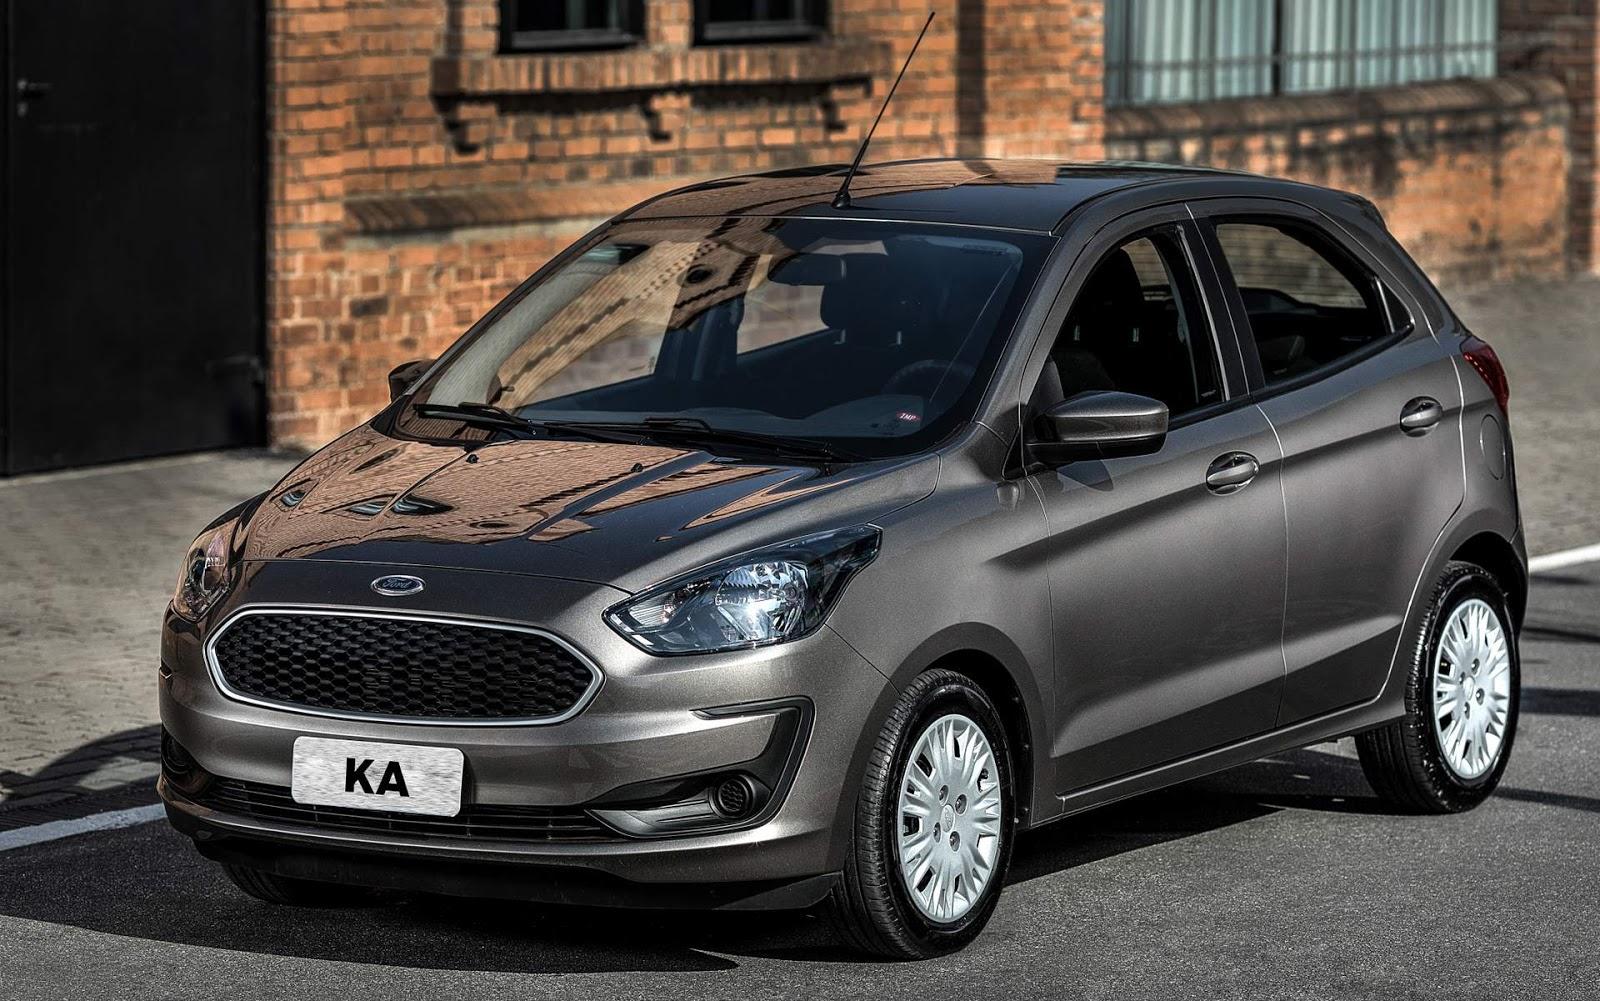 Novo Ford Ka 2019 (8)